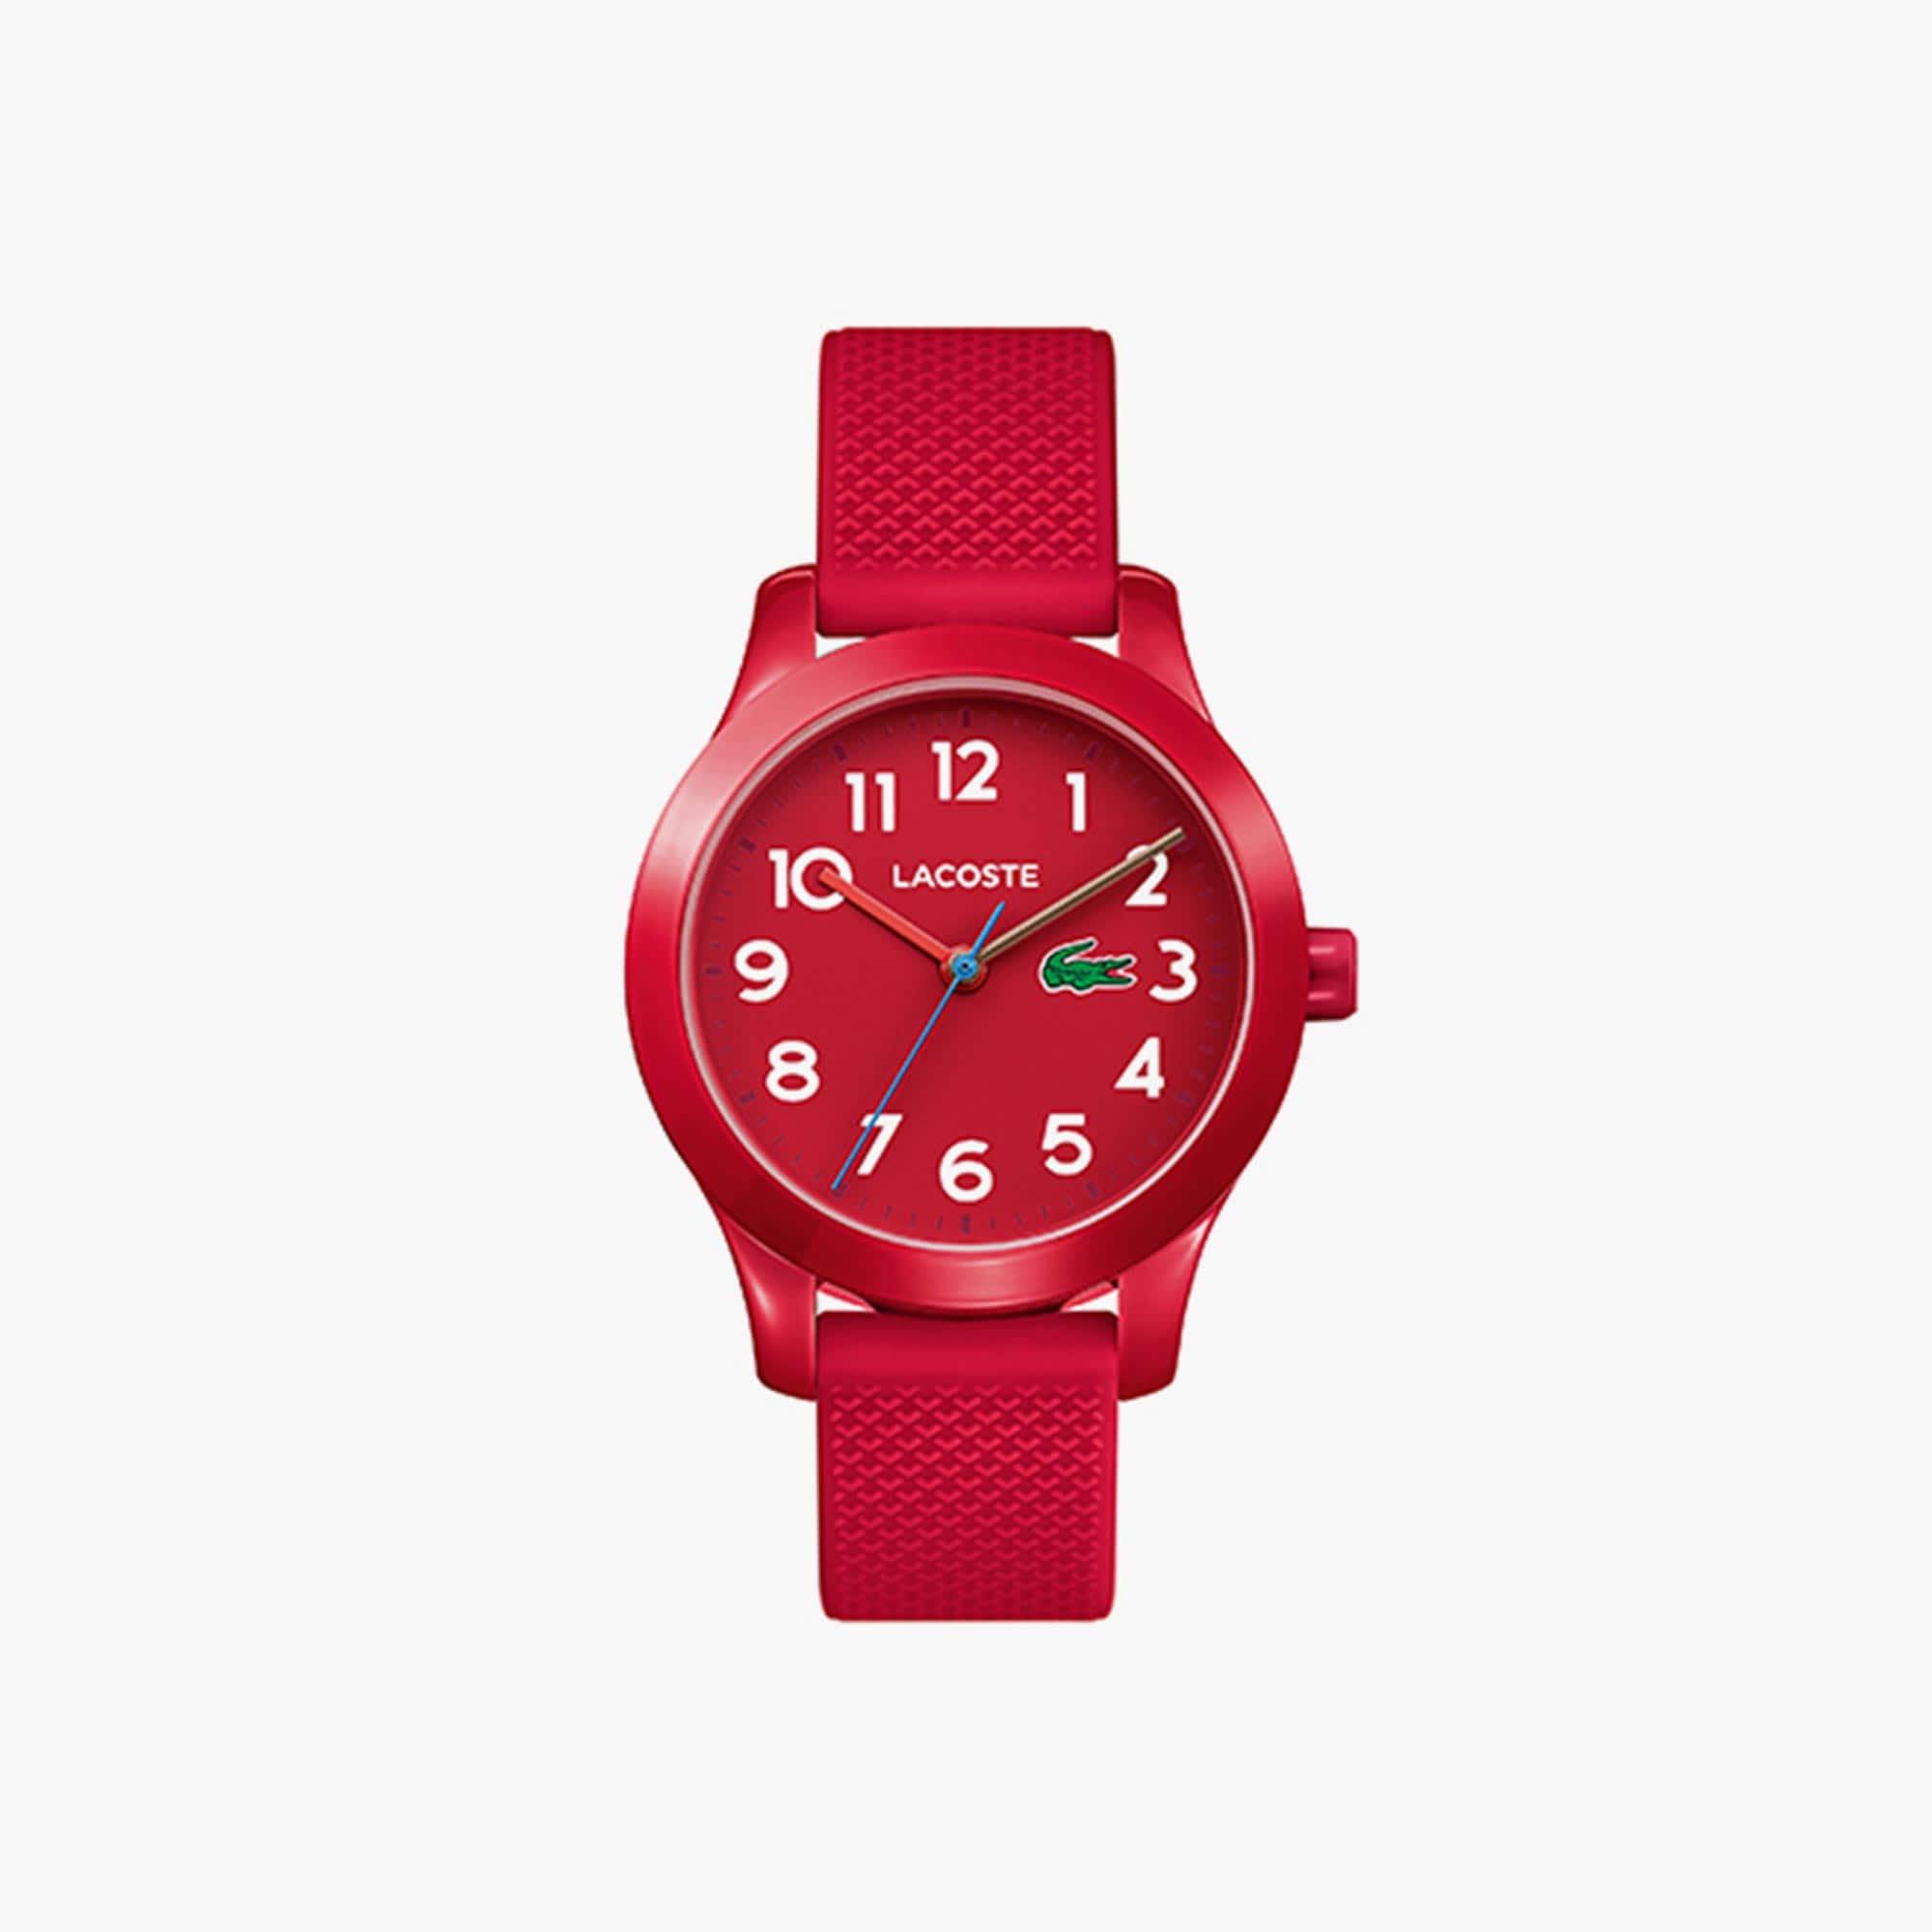 Montre Lacoste.12.12 Enfant avec Bracelet en Silicone Rouge